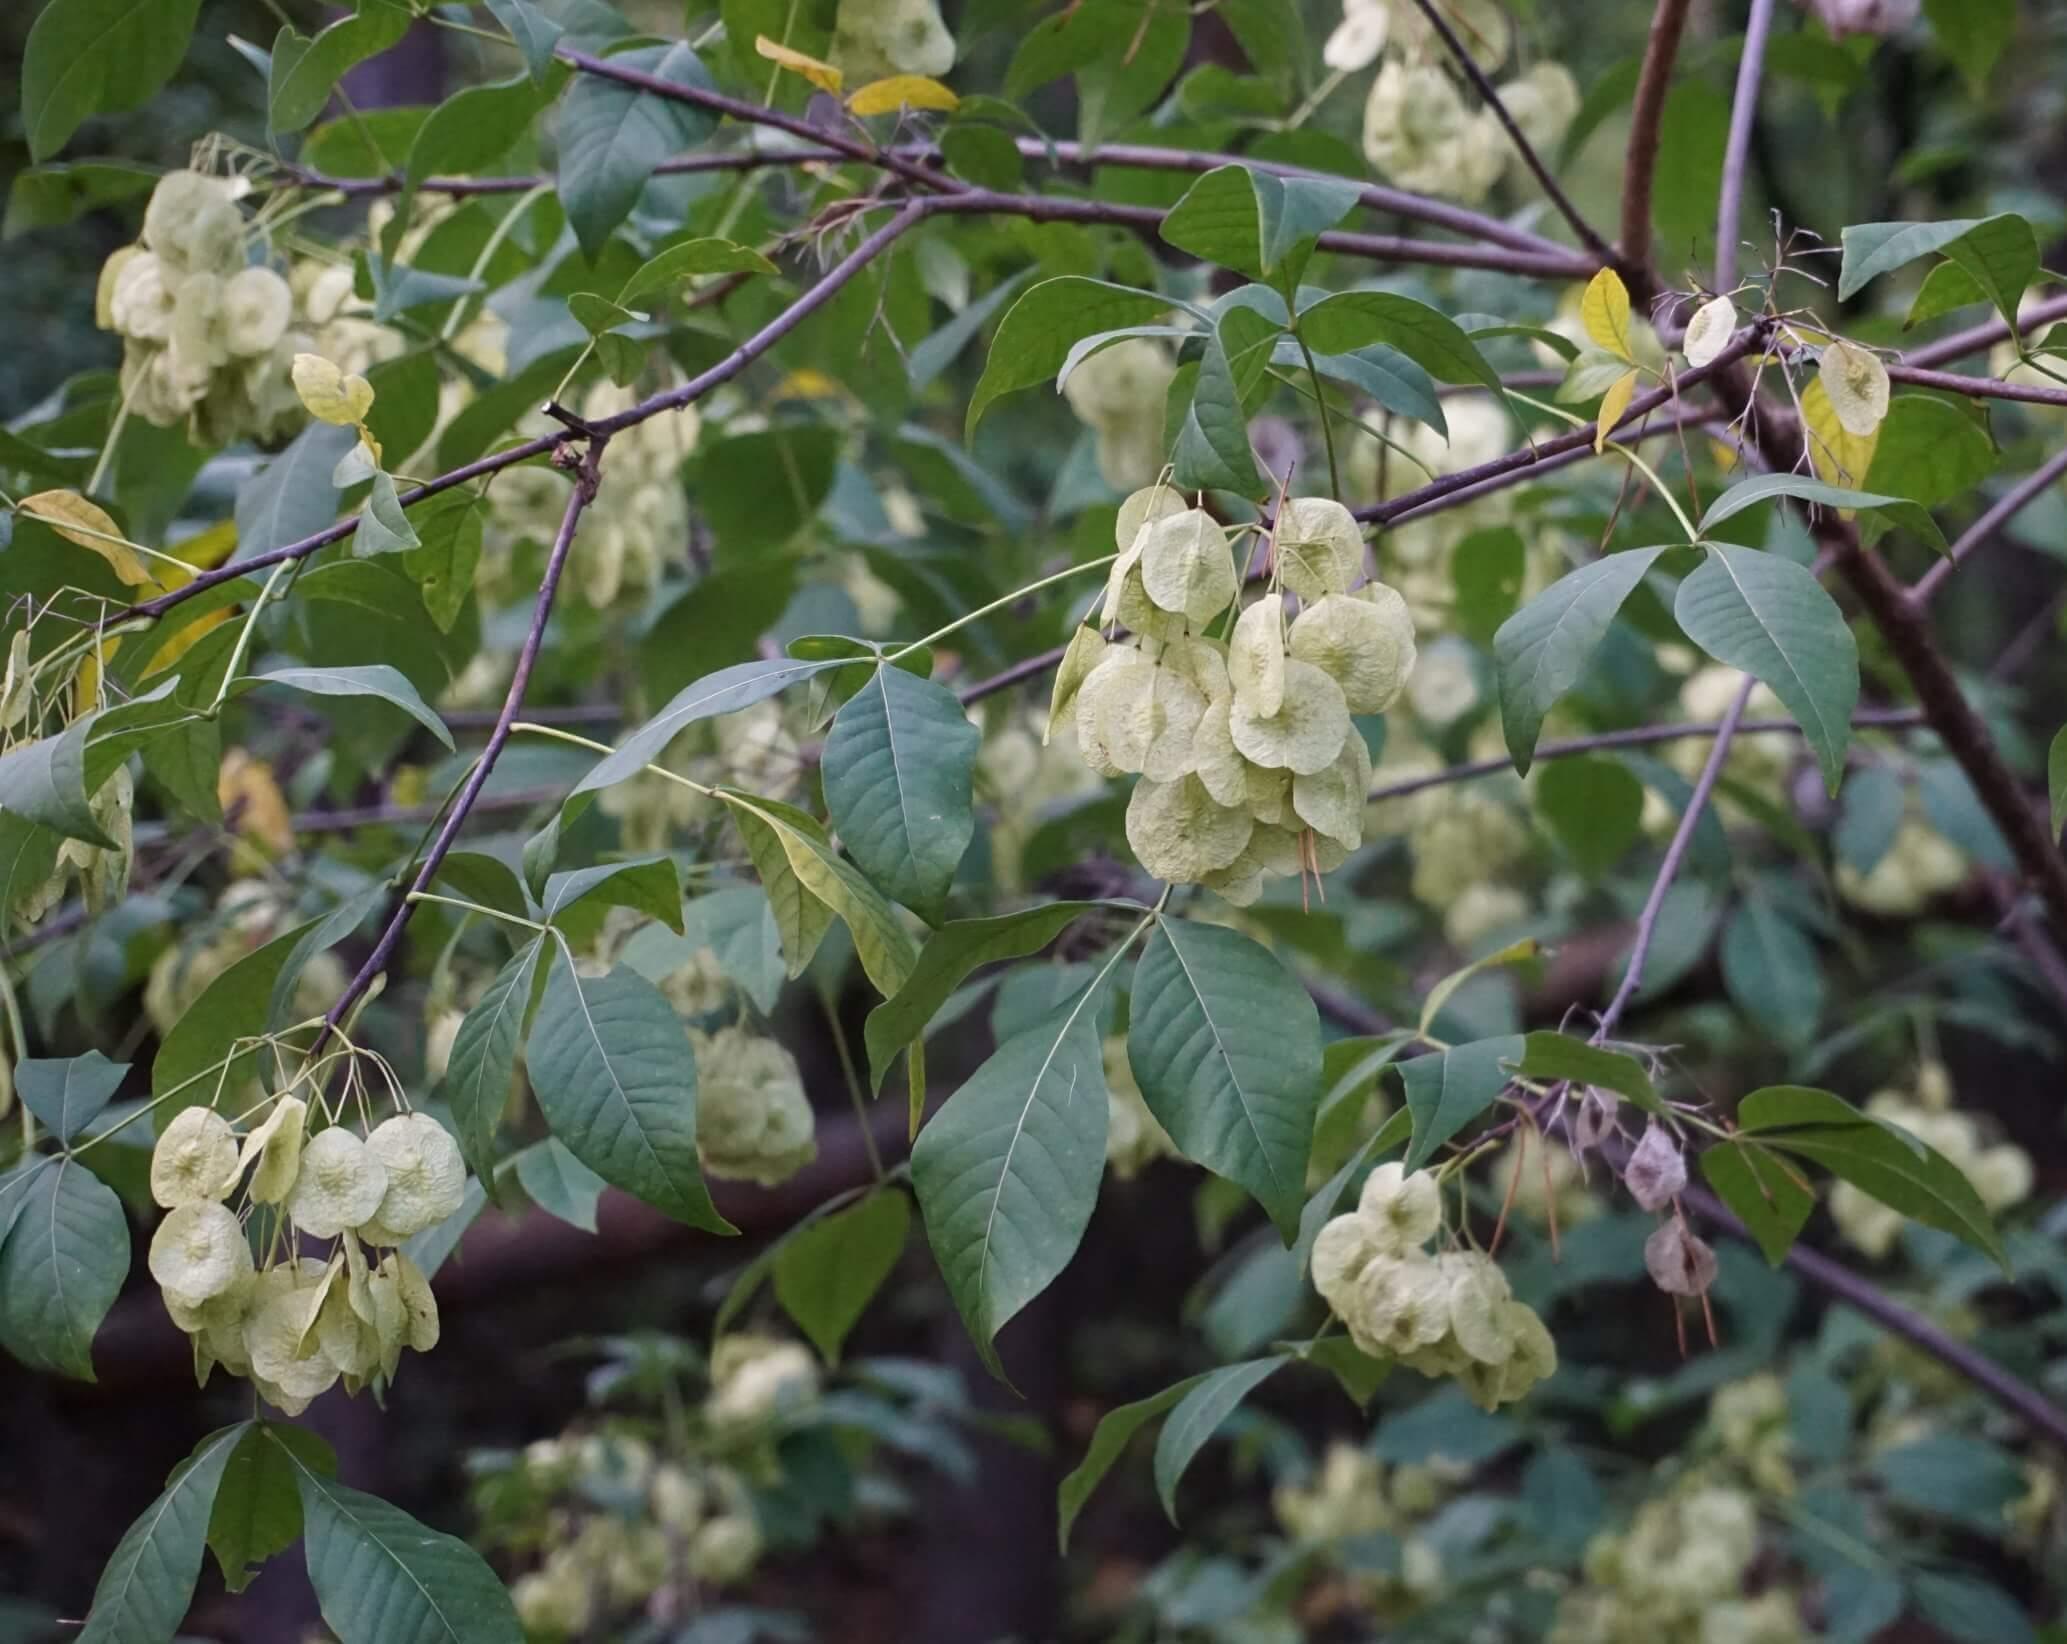 Das Bild zeigt die Früchte der nordamerikanischen Klee-Ulme. Diese sind Flügelnüsse von scheibenartig-runder Gestalt.